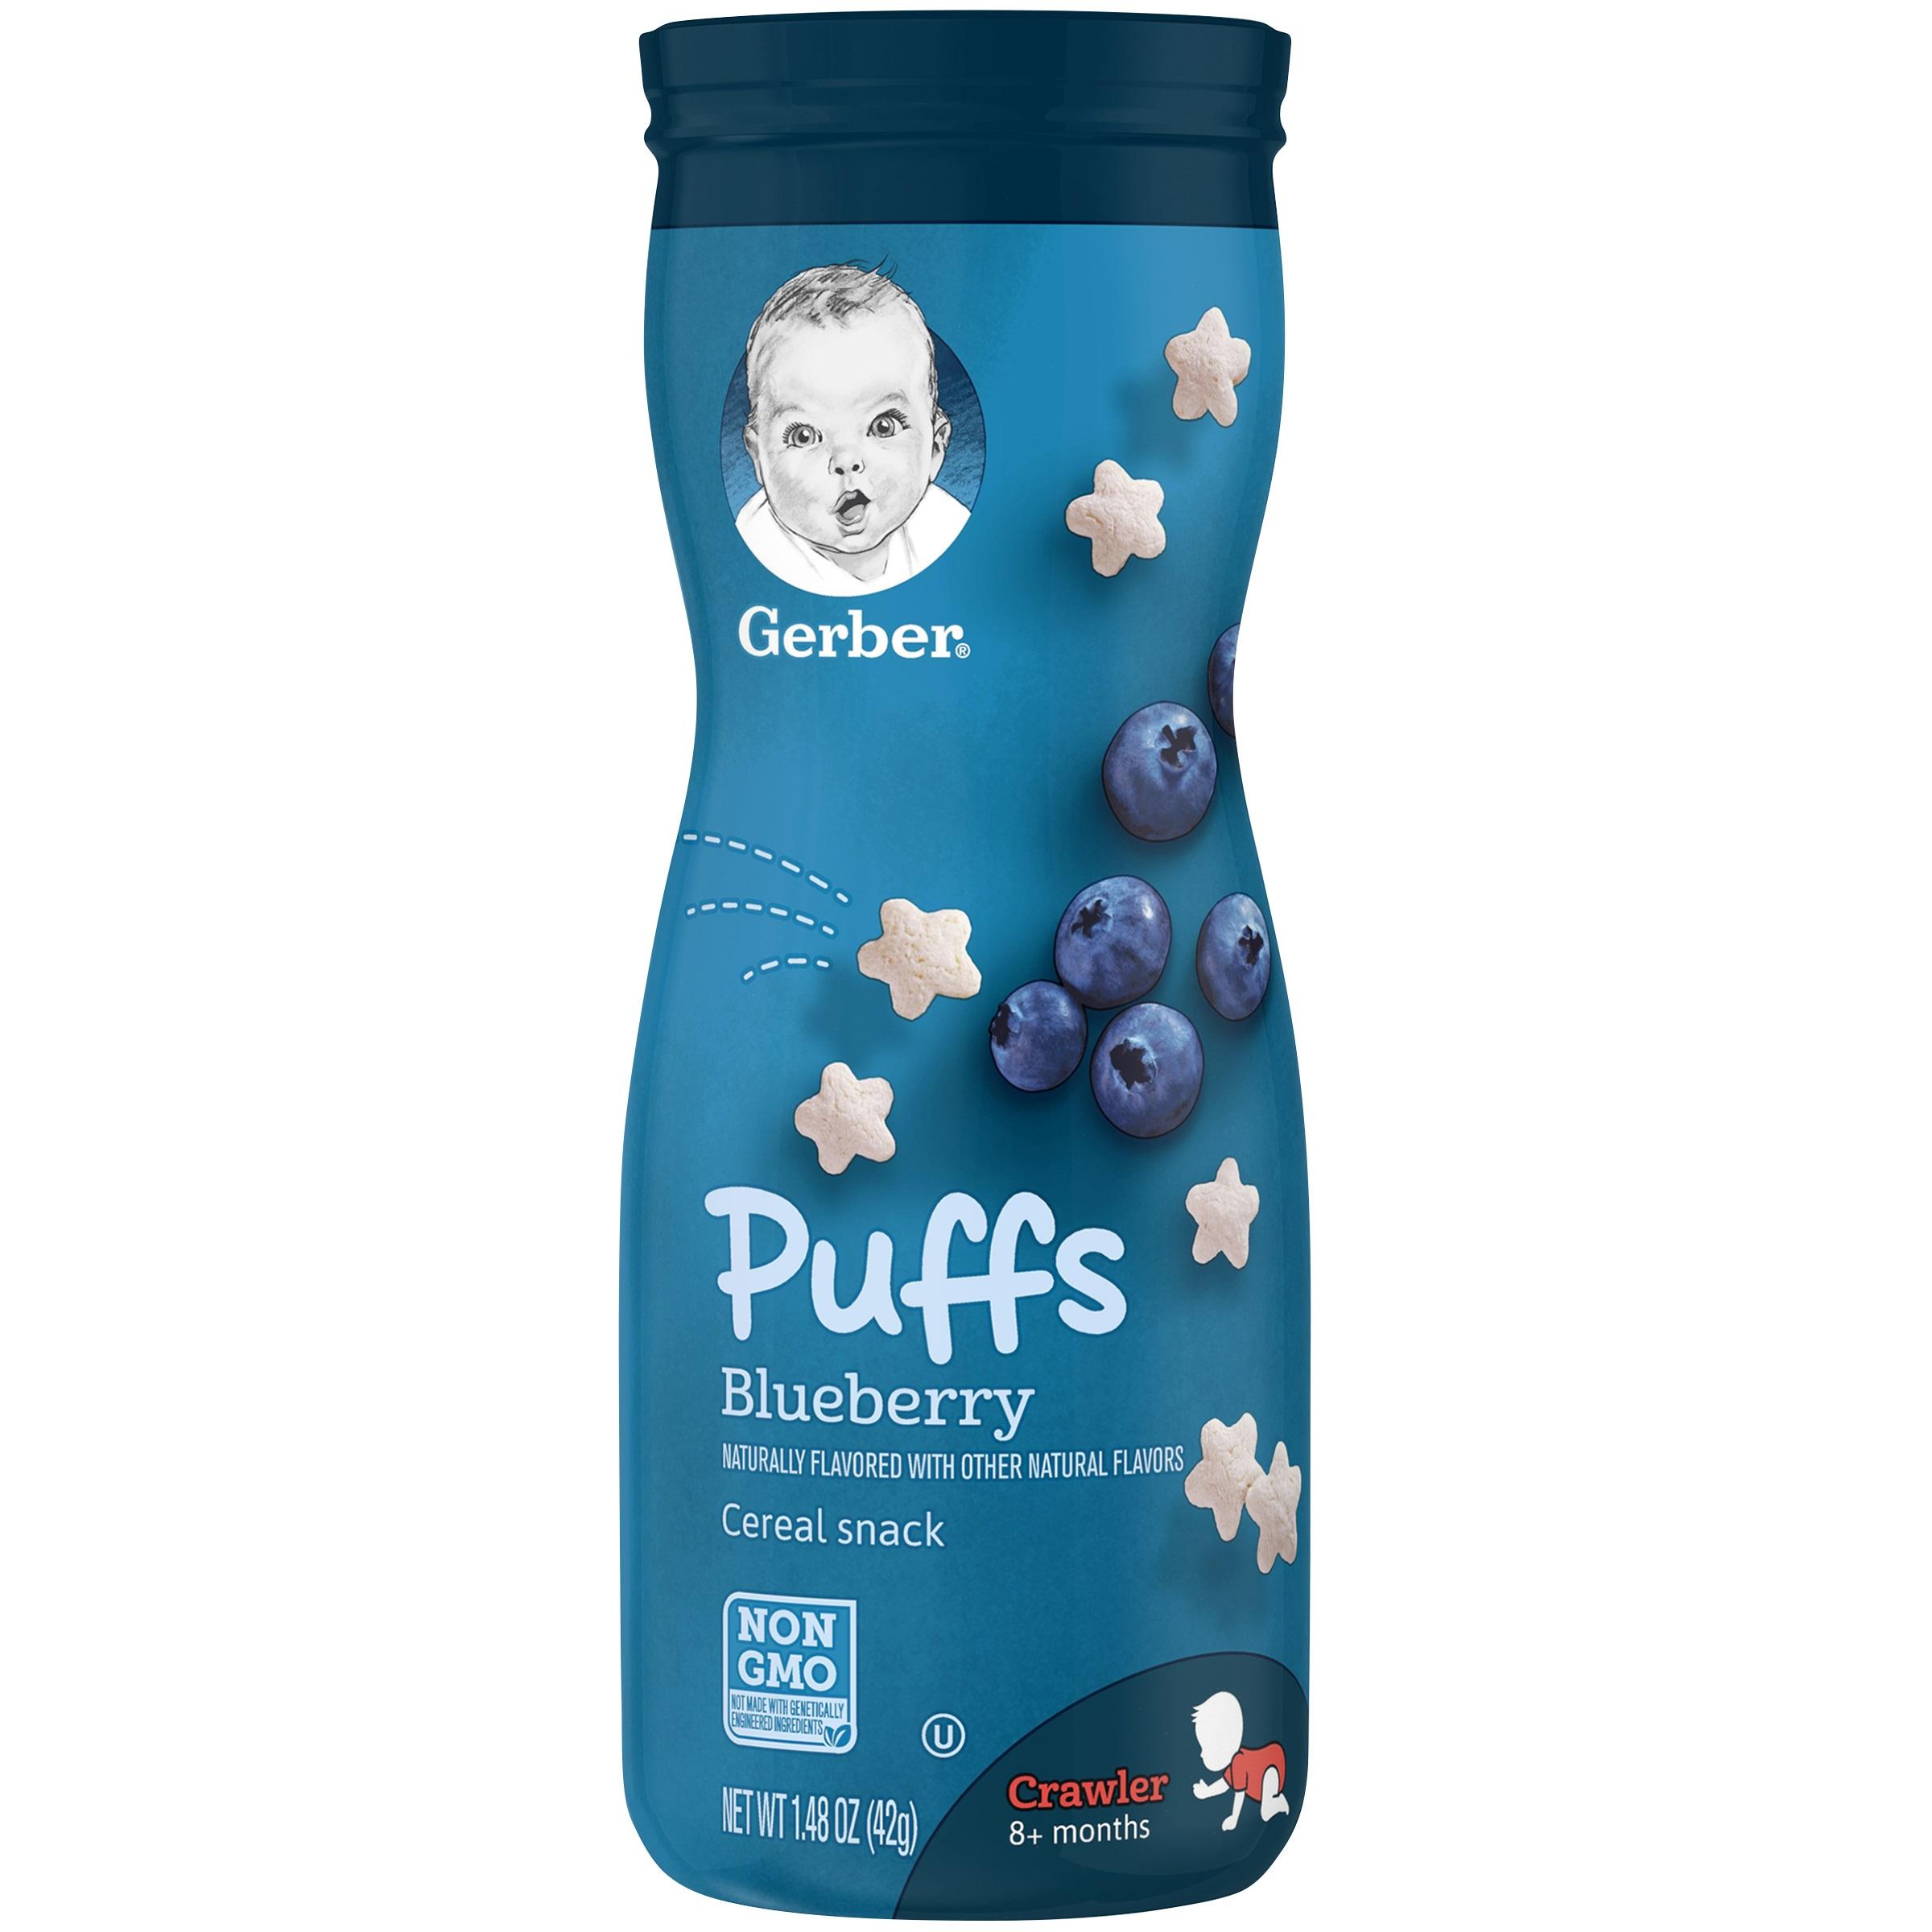 【6瓶装】【包邮】Gerber海外嘉宝 原装进口3段 婴幼儿辅食 蓝莓口味星星泡芙42g/罐